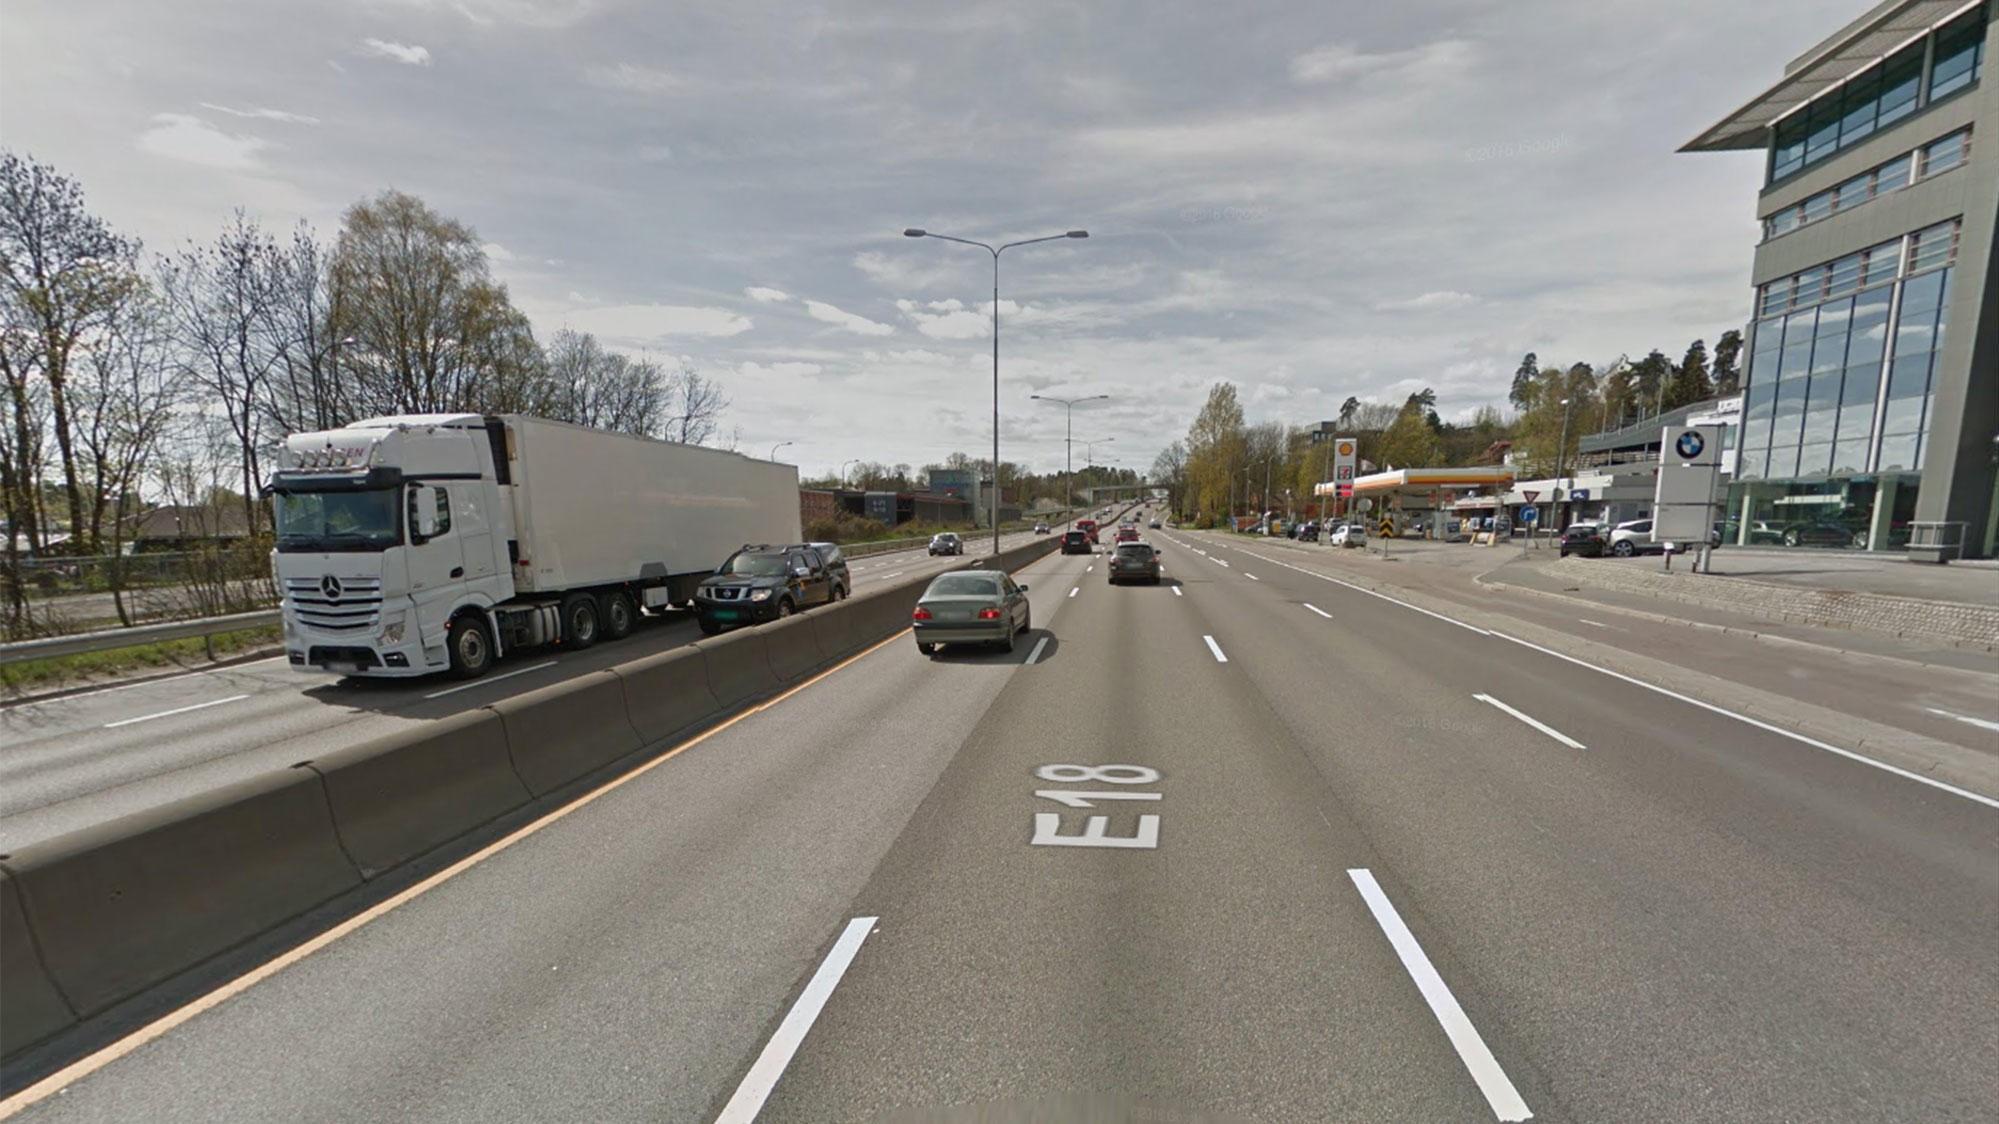 Byrådet i Oslo ønsker å gjøre om motorveien E18 gjennom Oslo til en bygate og bygge hus tett inntil veien.